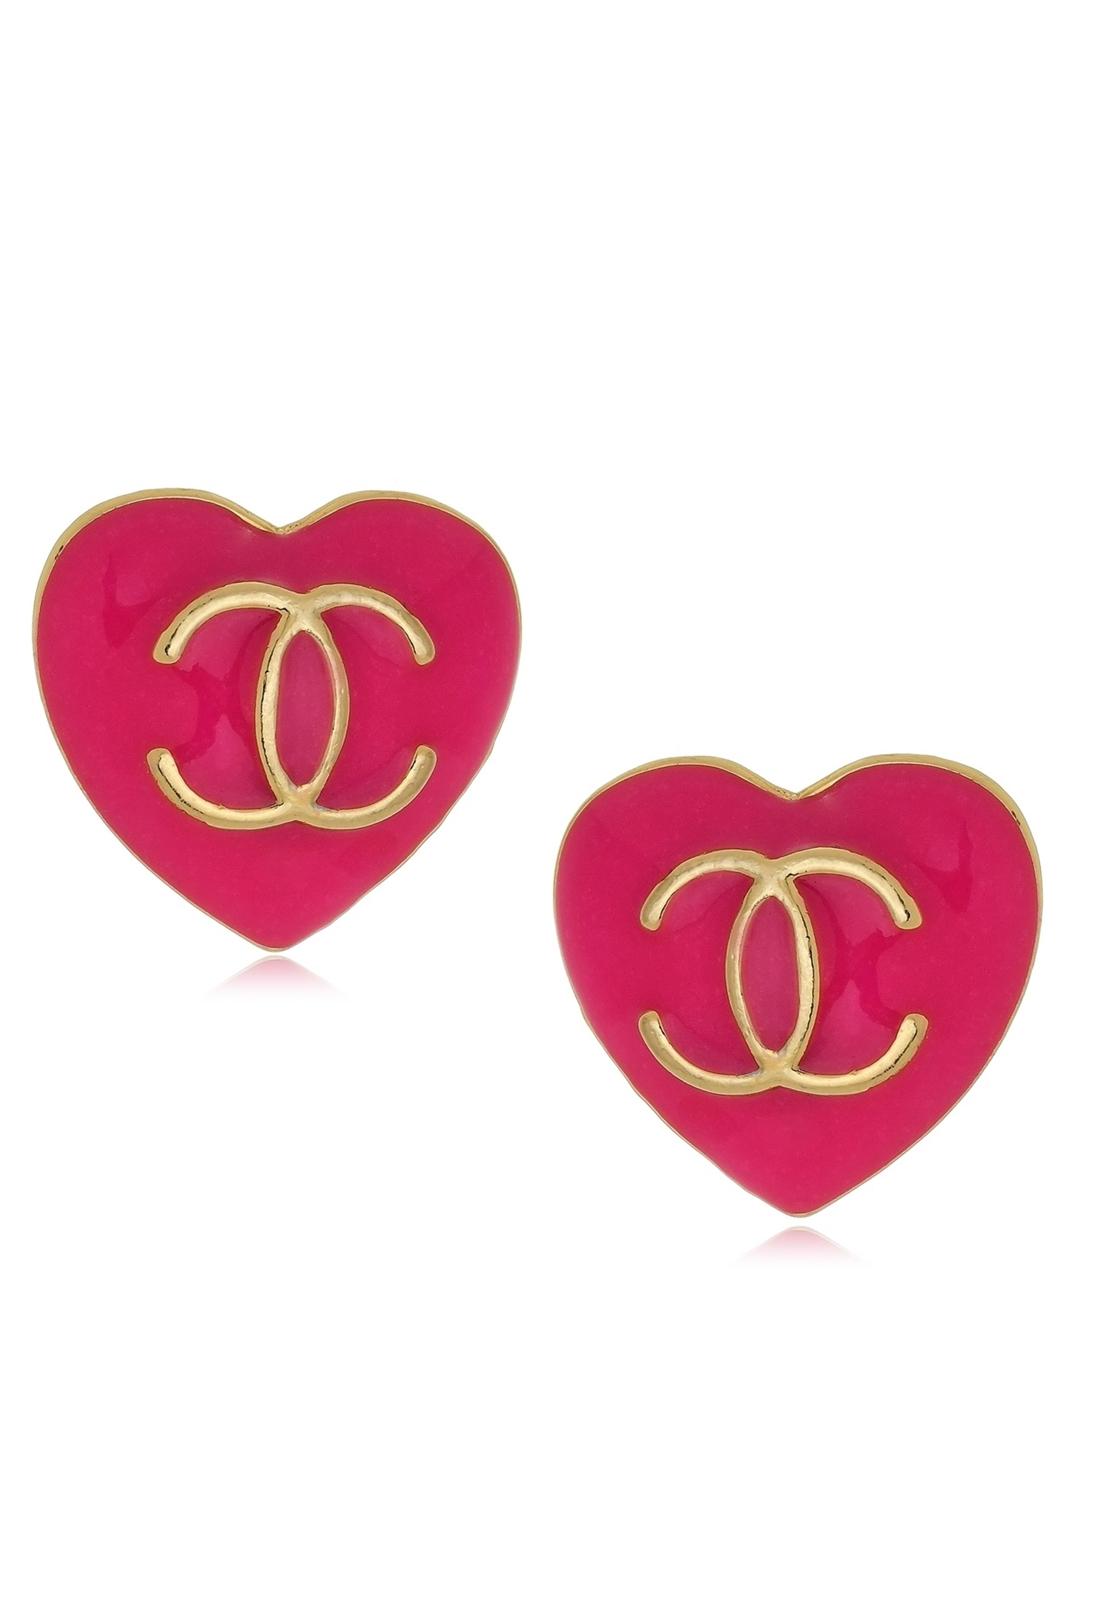 Brinco Le Diamond Coração Resinado Pink.